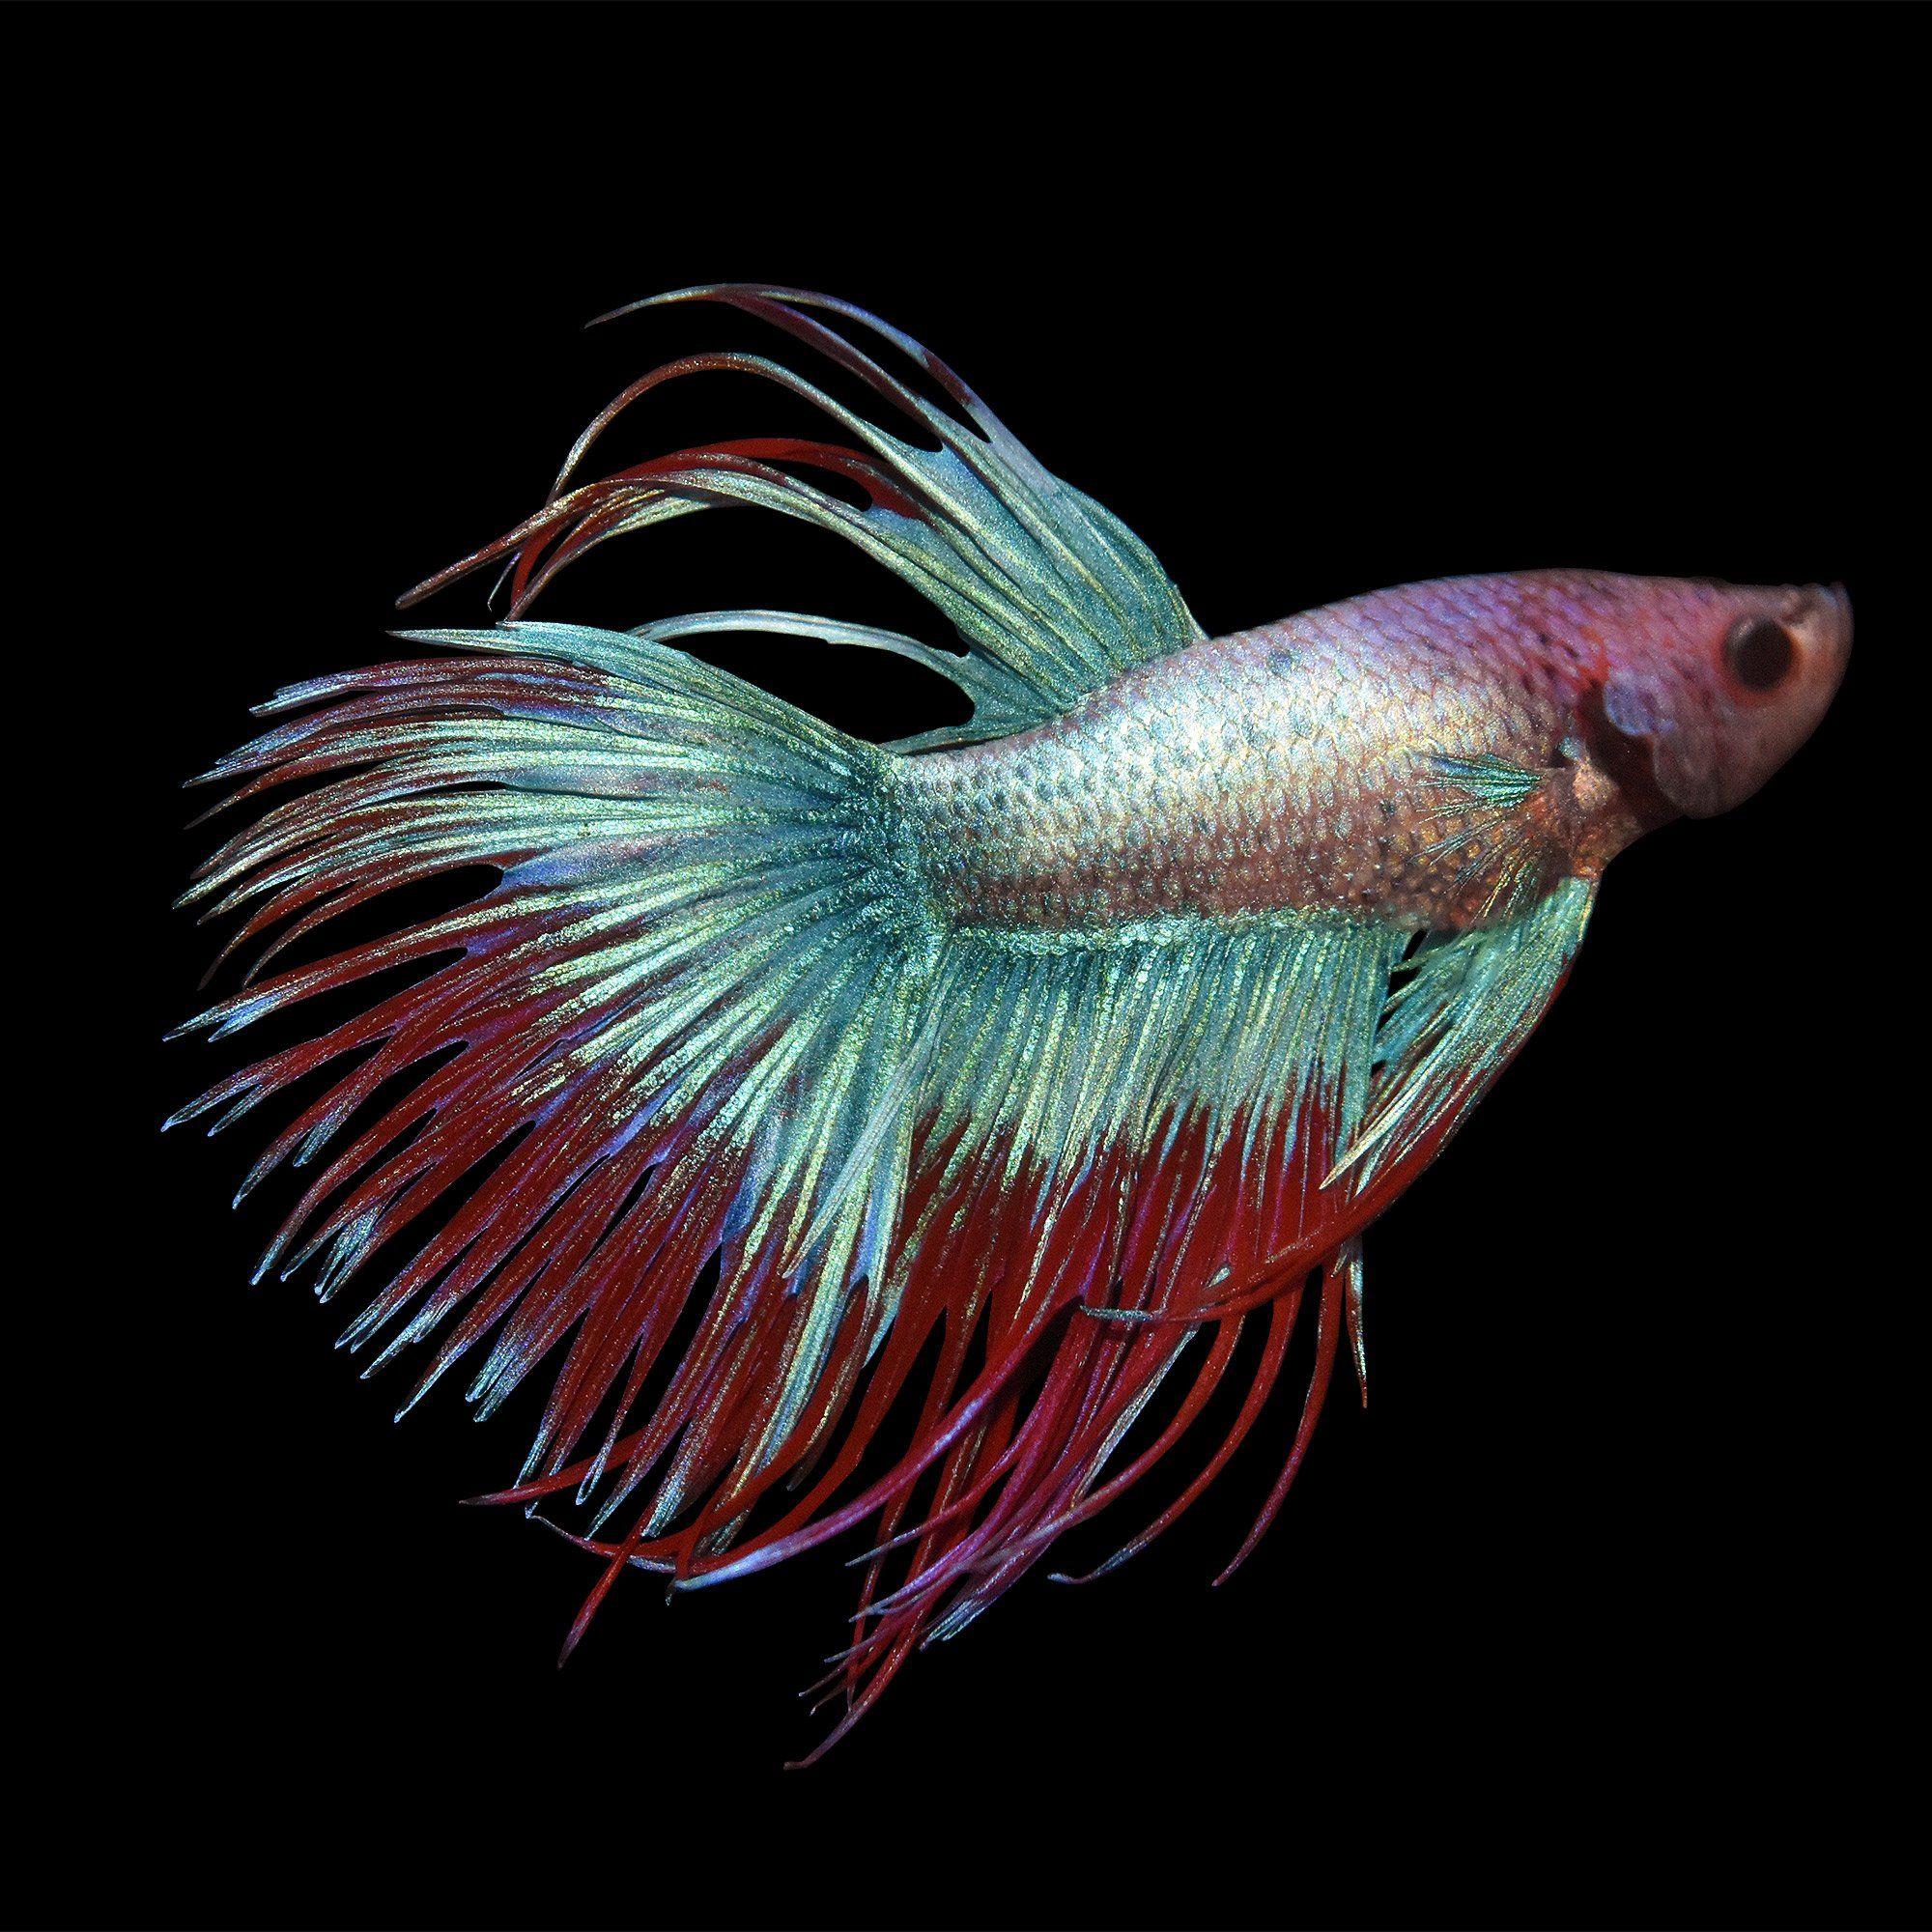 Male Crowntail Betta Betta Splendens Betta Betta Fish Care Betta Fish Tattoo